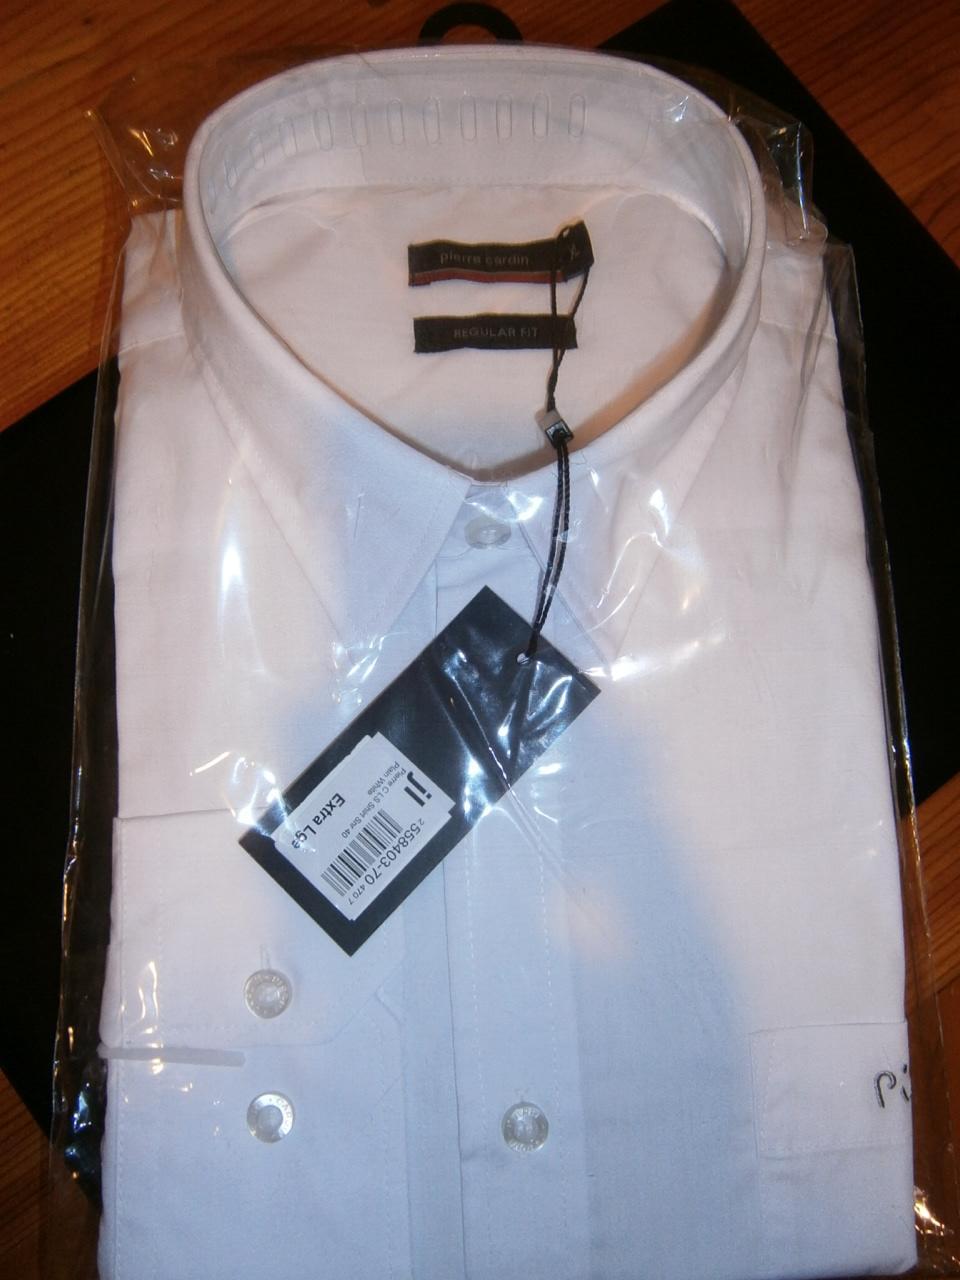 nenosena biela košela, velkost XL, Pierre cardin - Obrázok č. 1